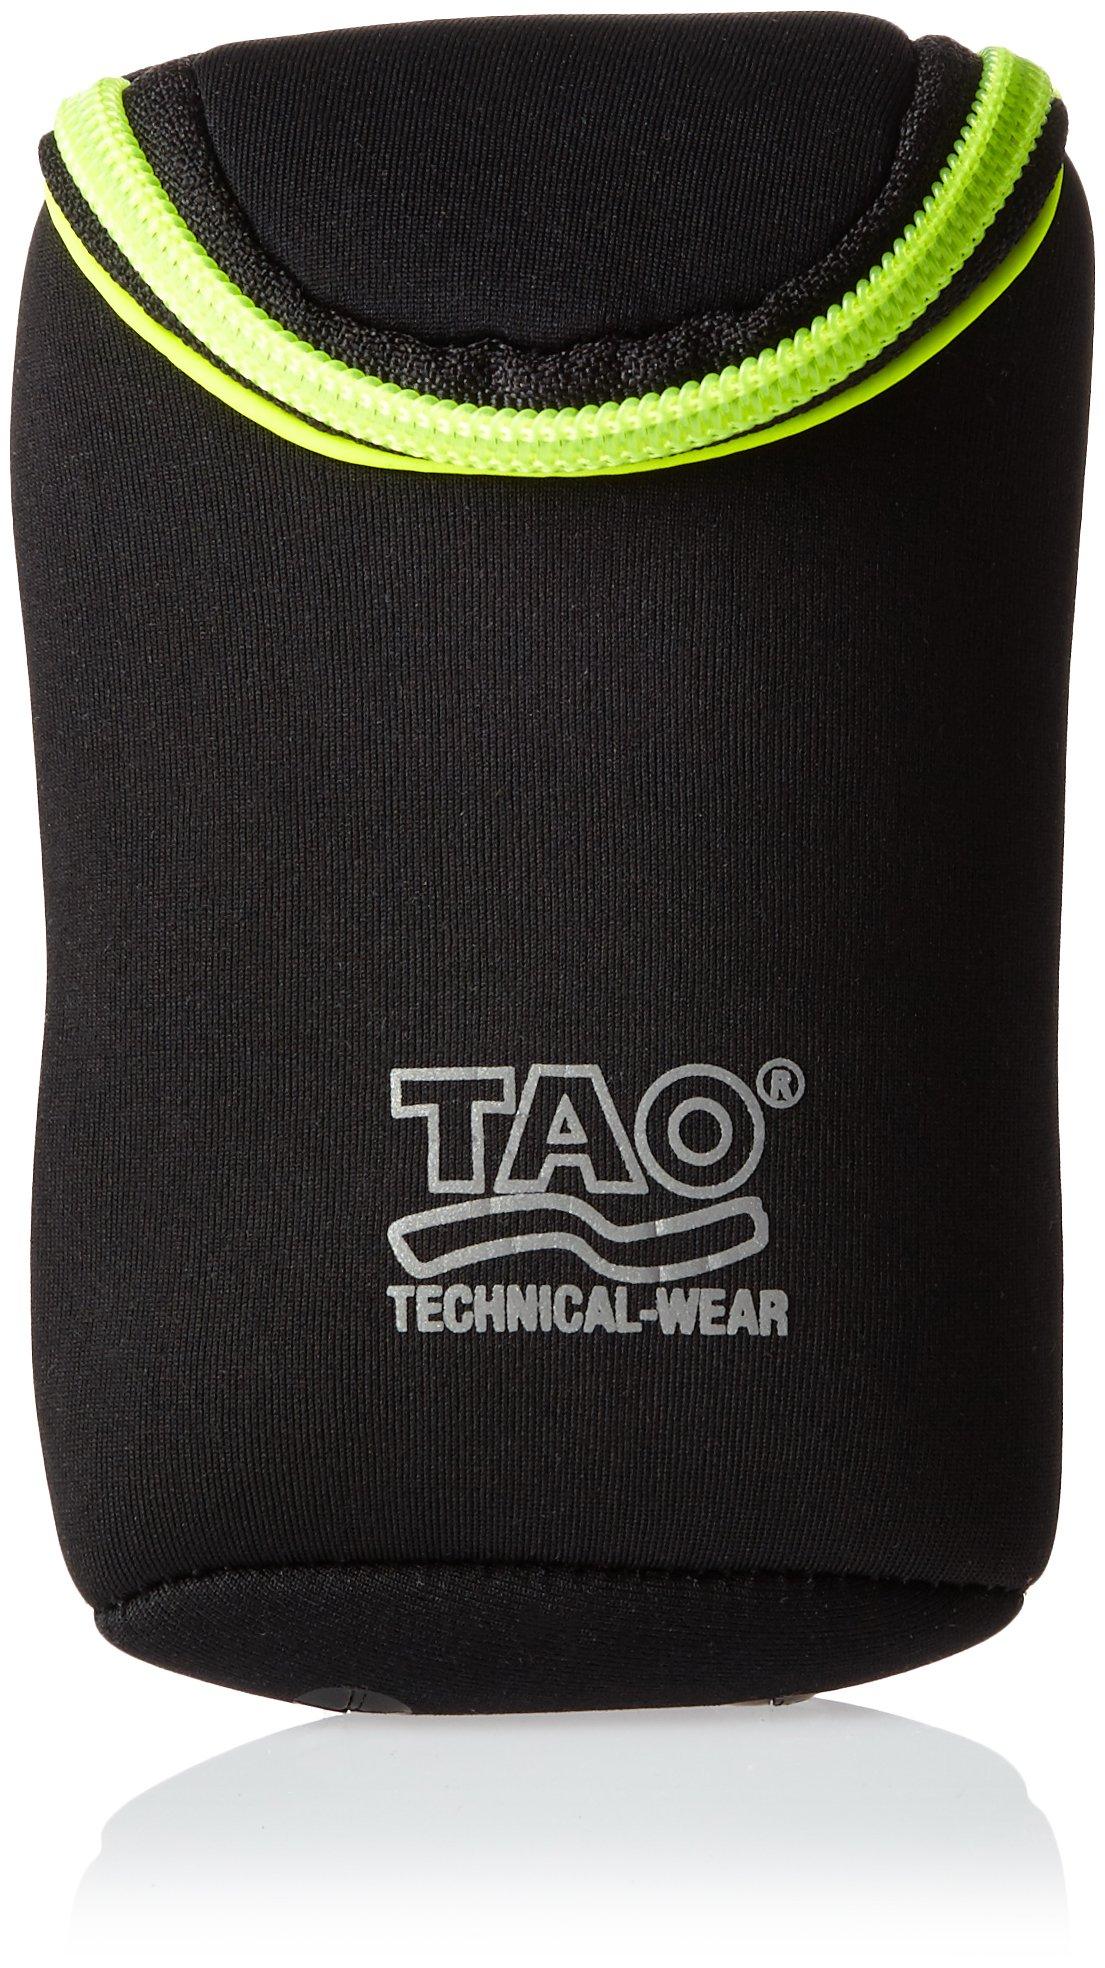 TAO Sportswear Gürtel Accesories, Black/Sirio, One Size